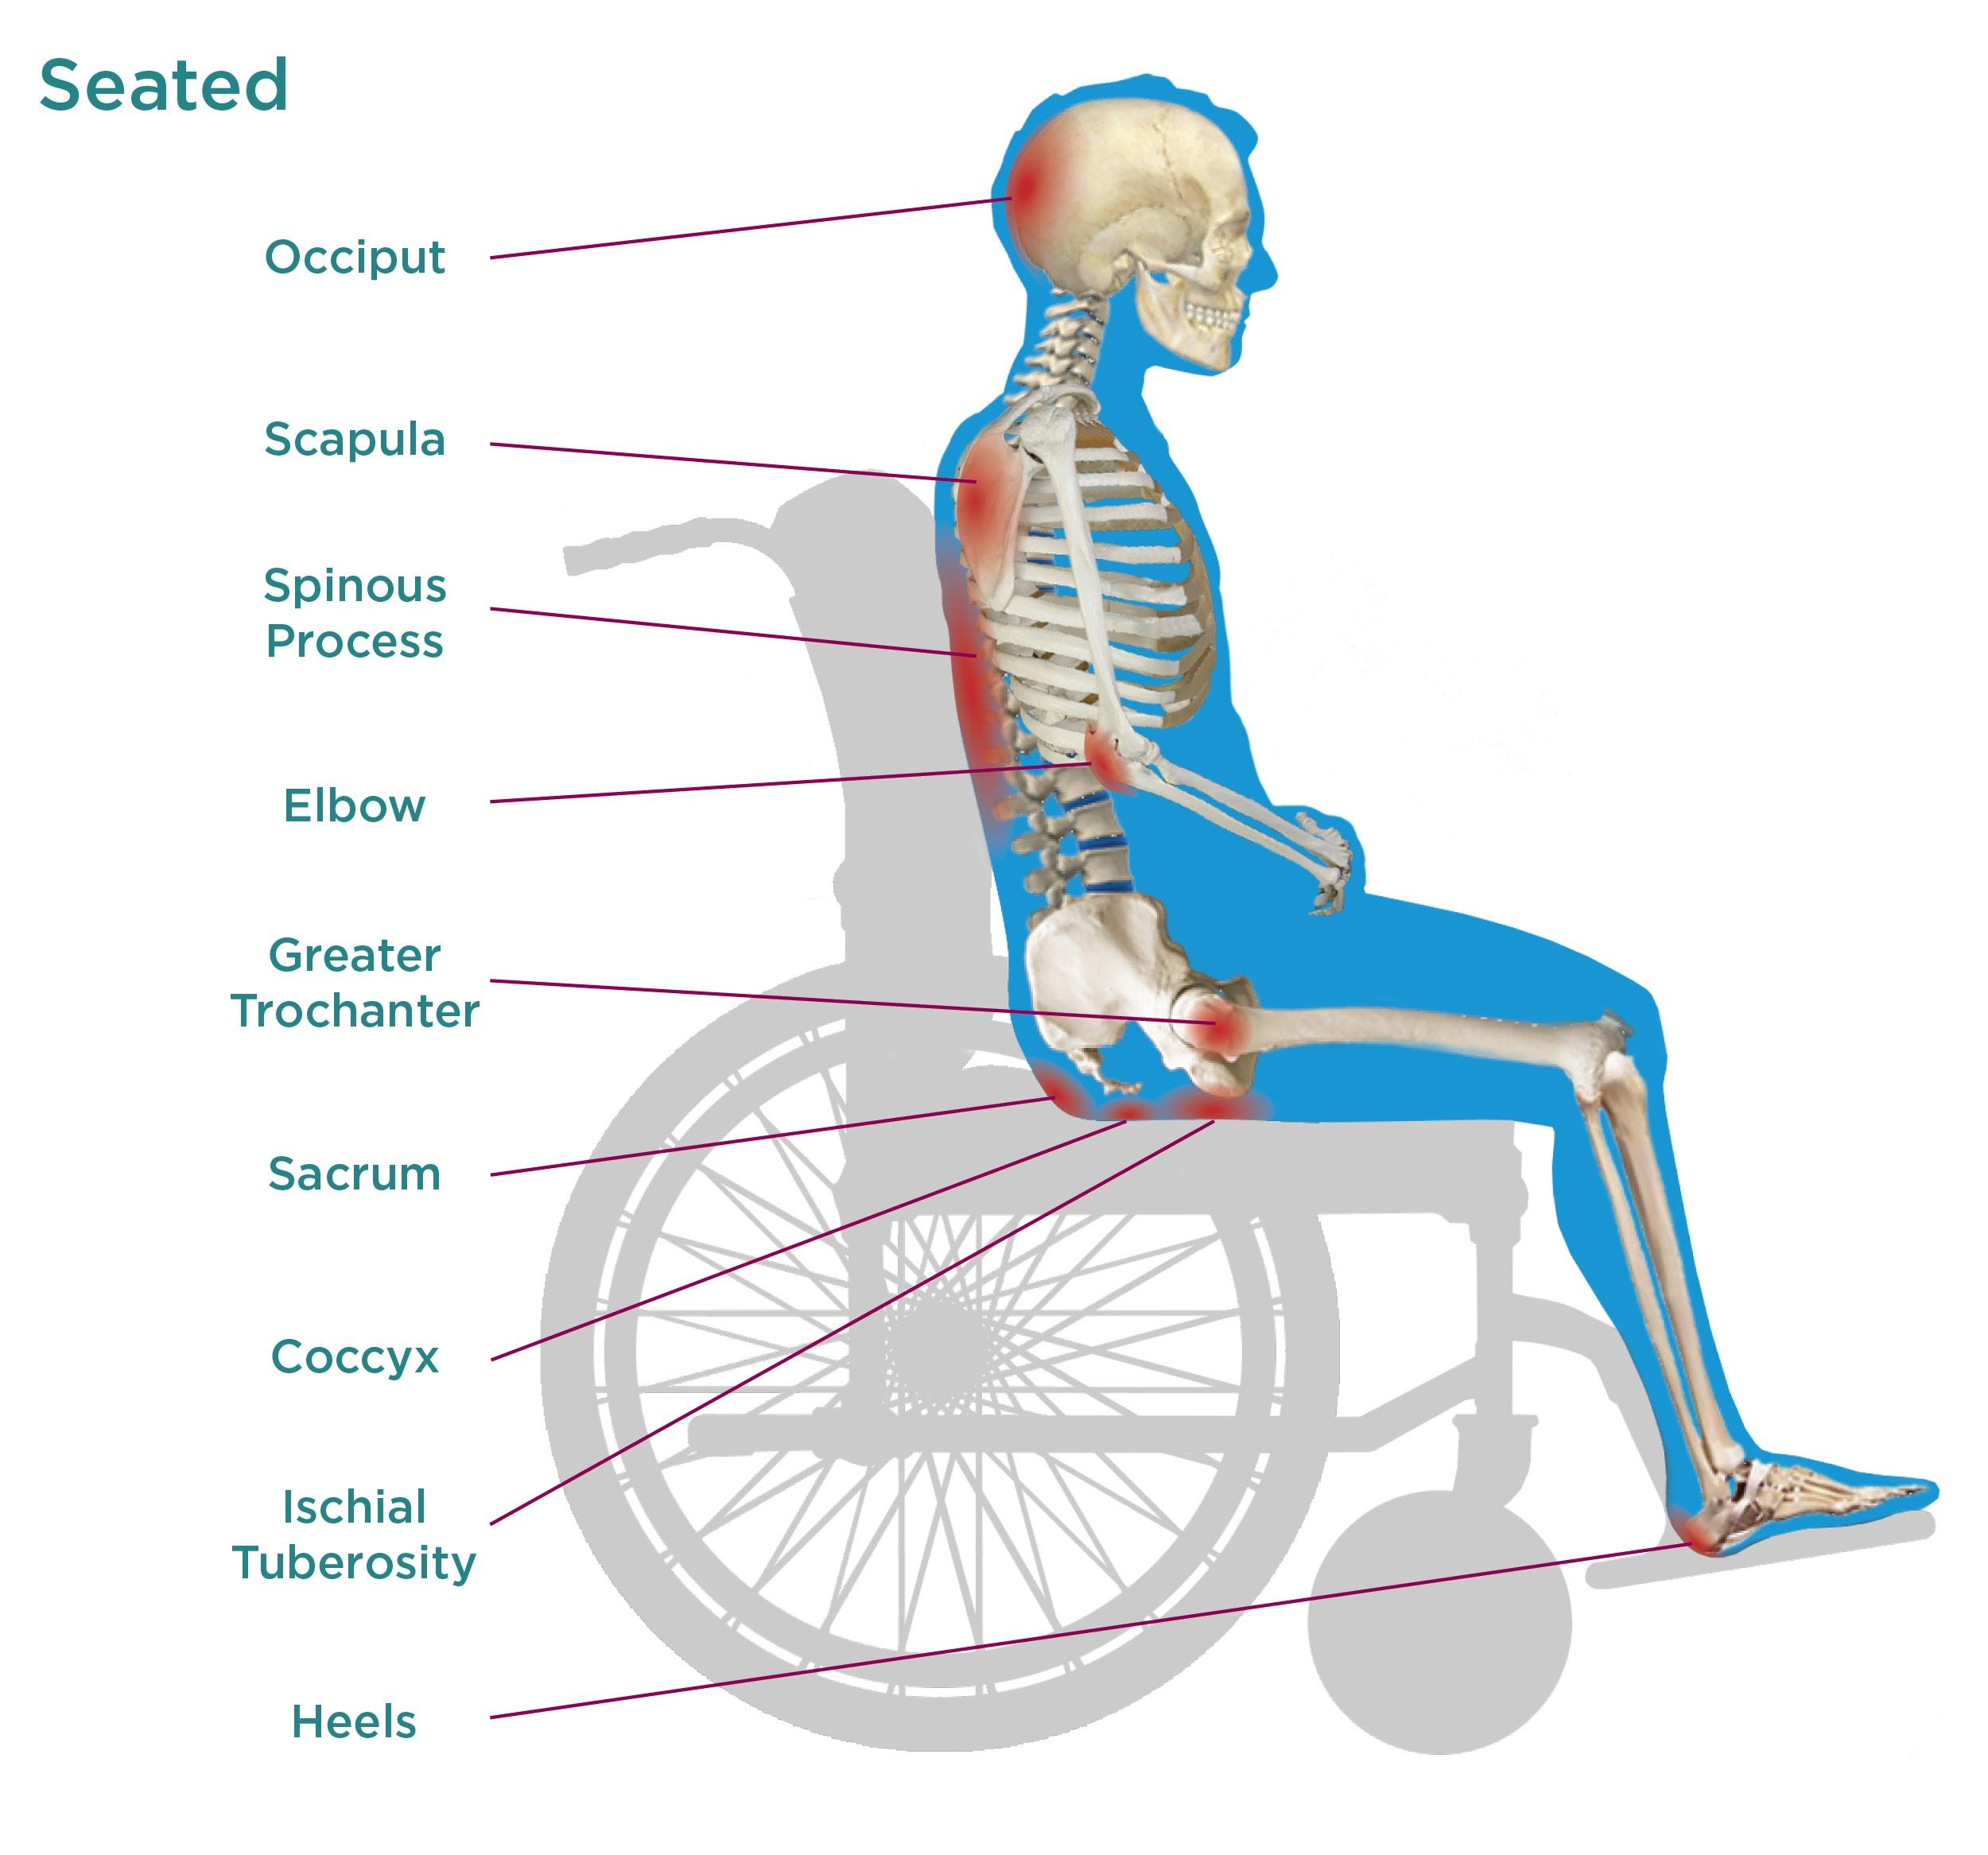 Seated Pressure Injuries